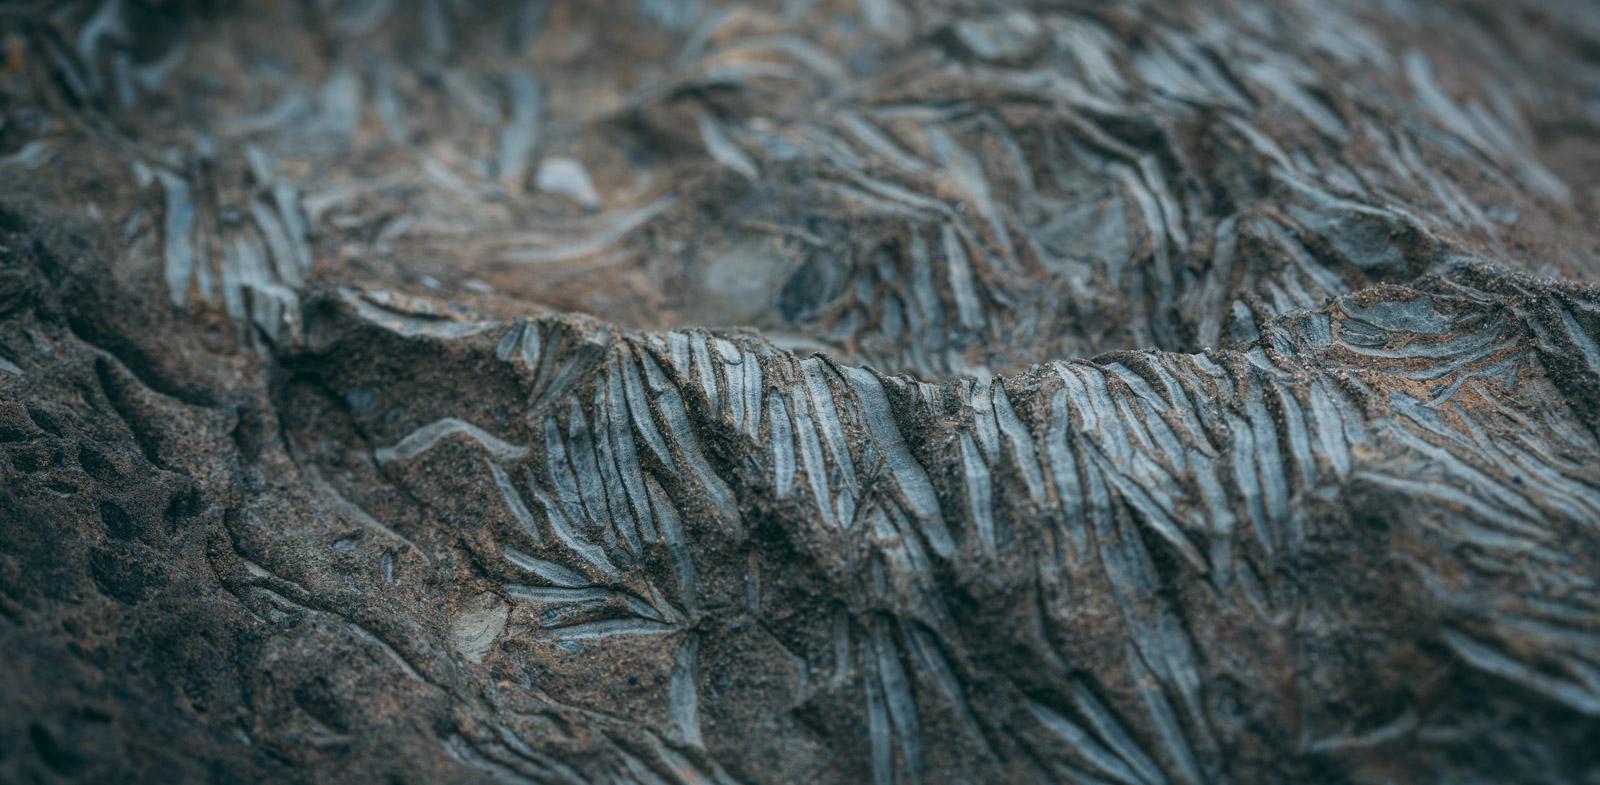 Versteinerungen in einem Felsbrocken